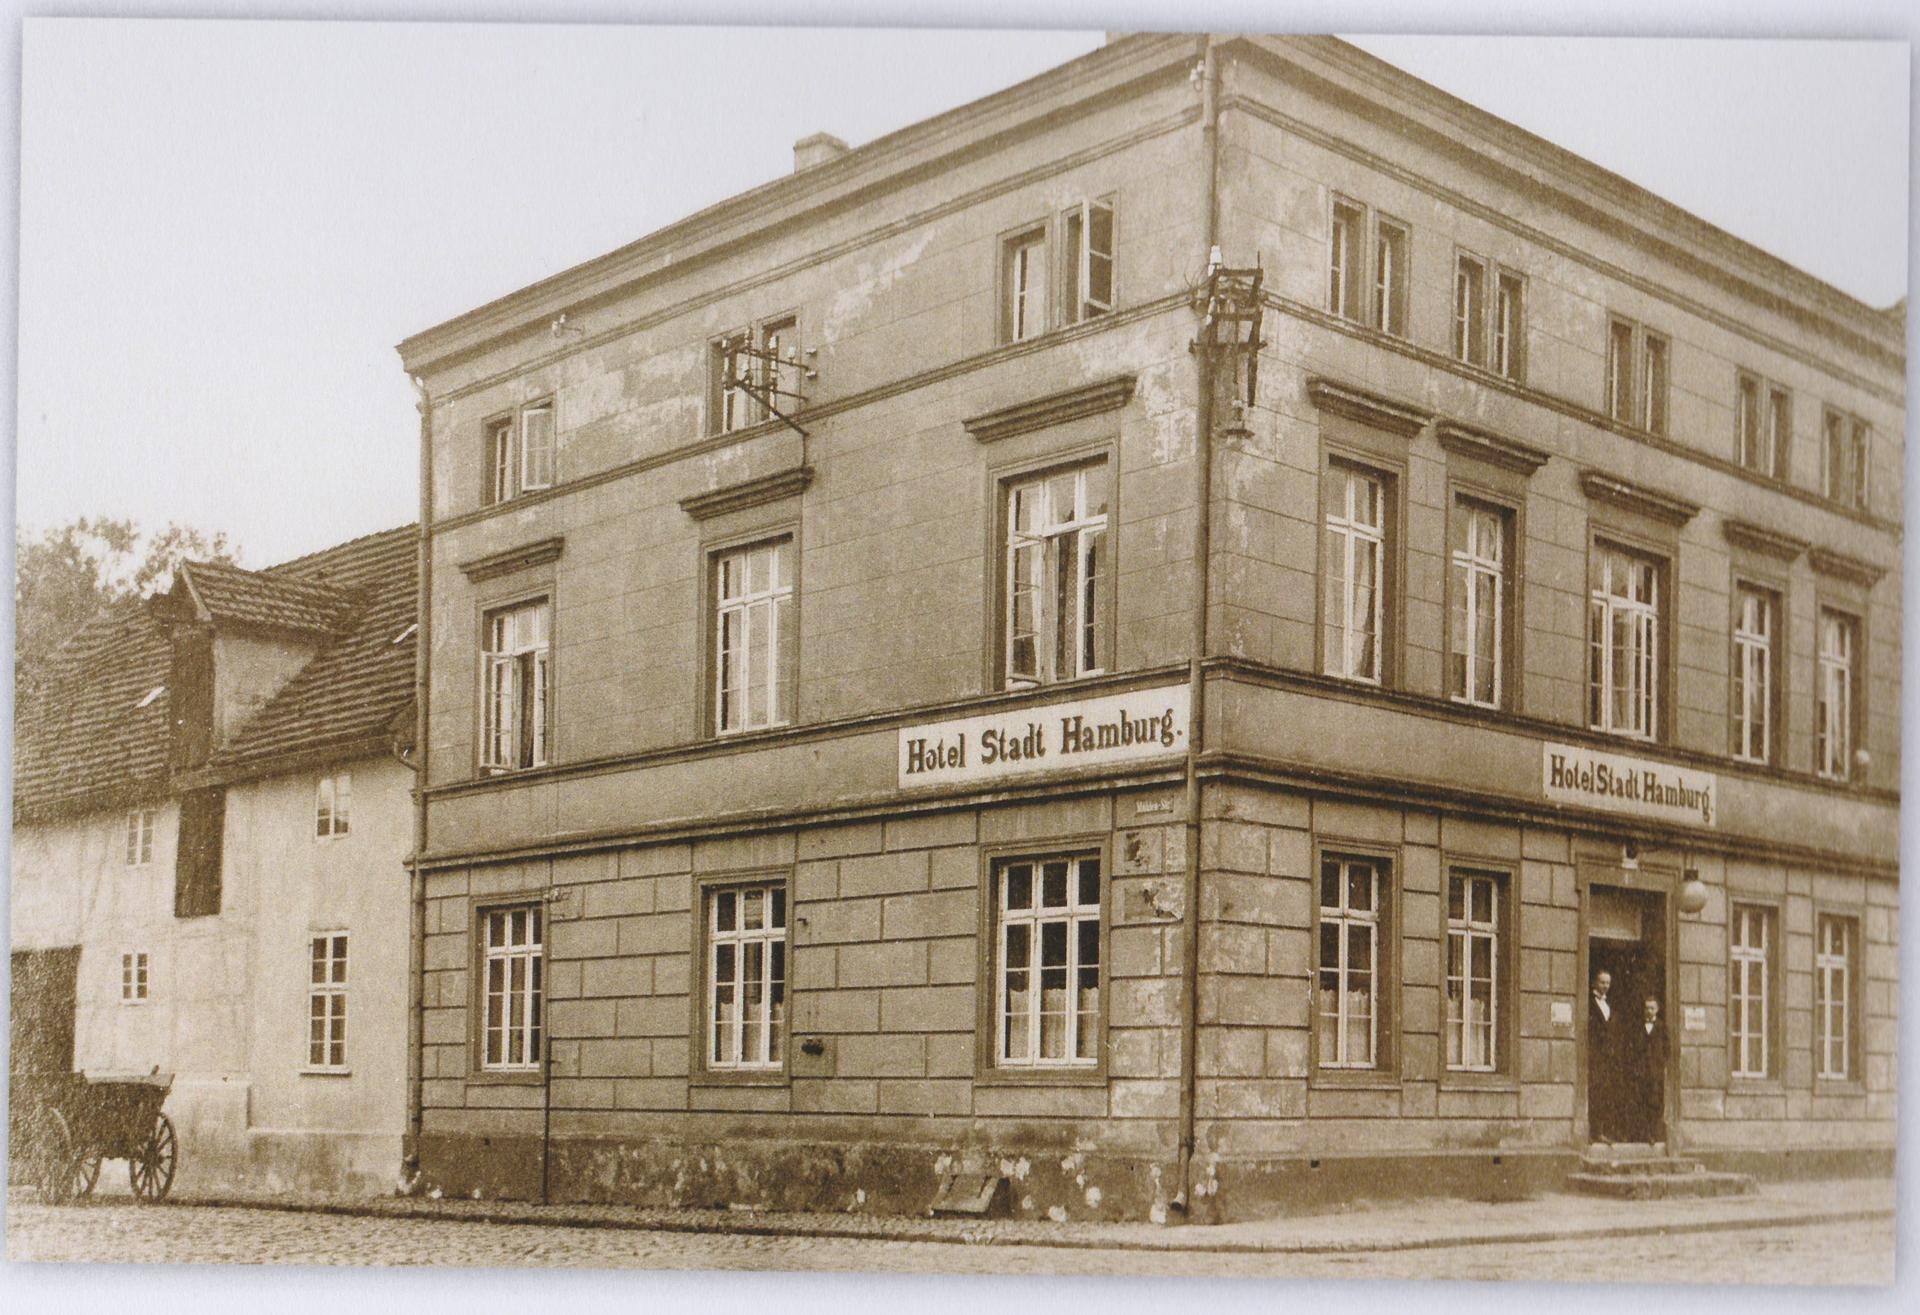 Hotel_Stadt_Hamburg_-_Weinaug1